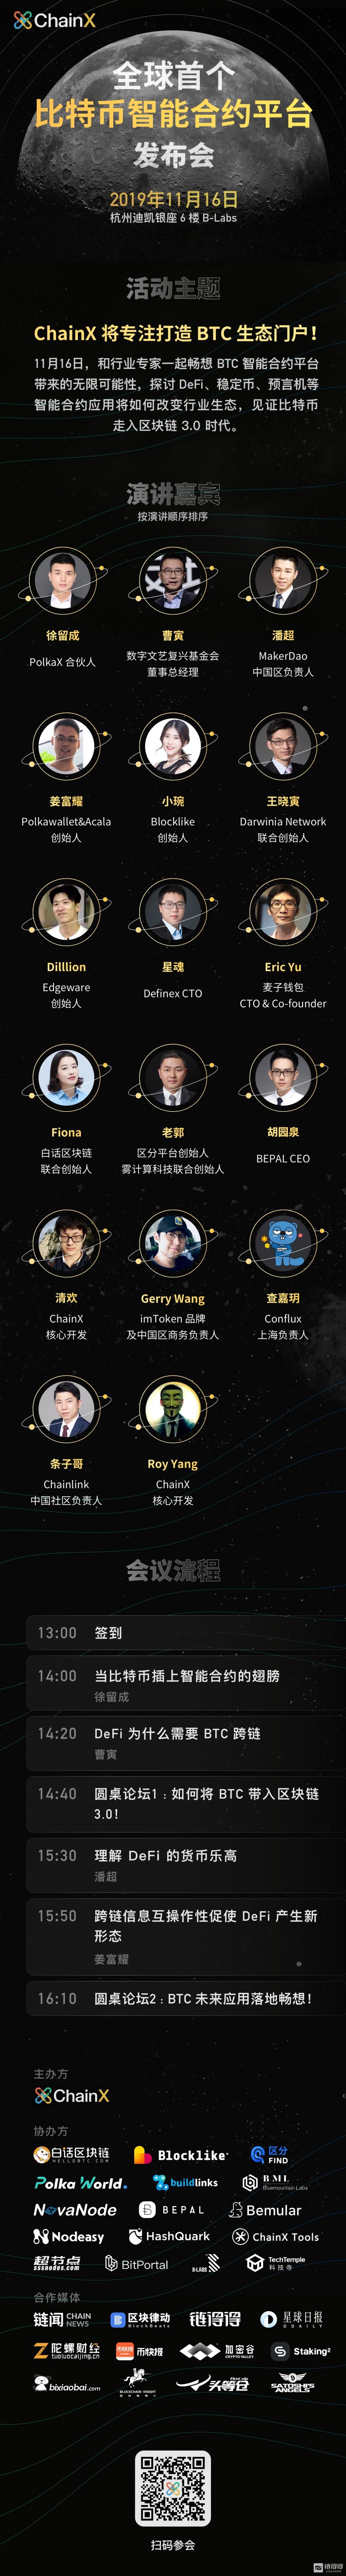 ChainX智能合约发布会将于11月16日在杭州举办